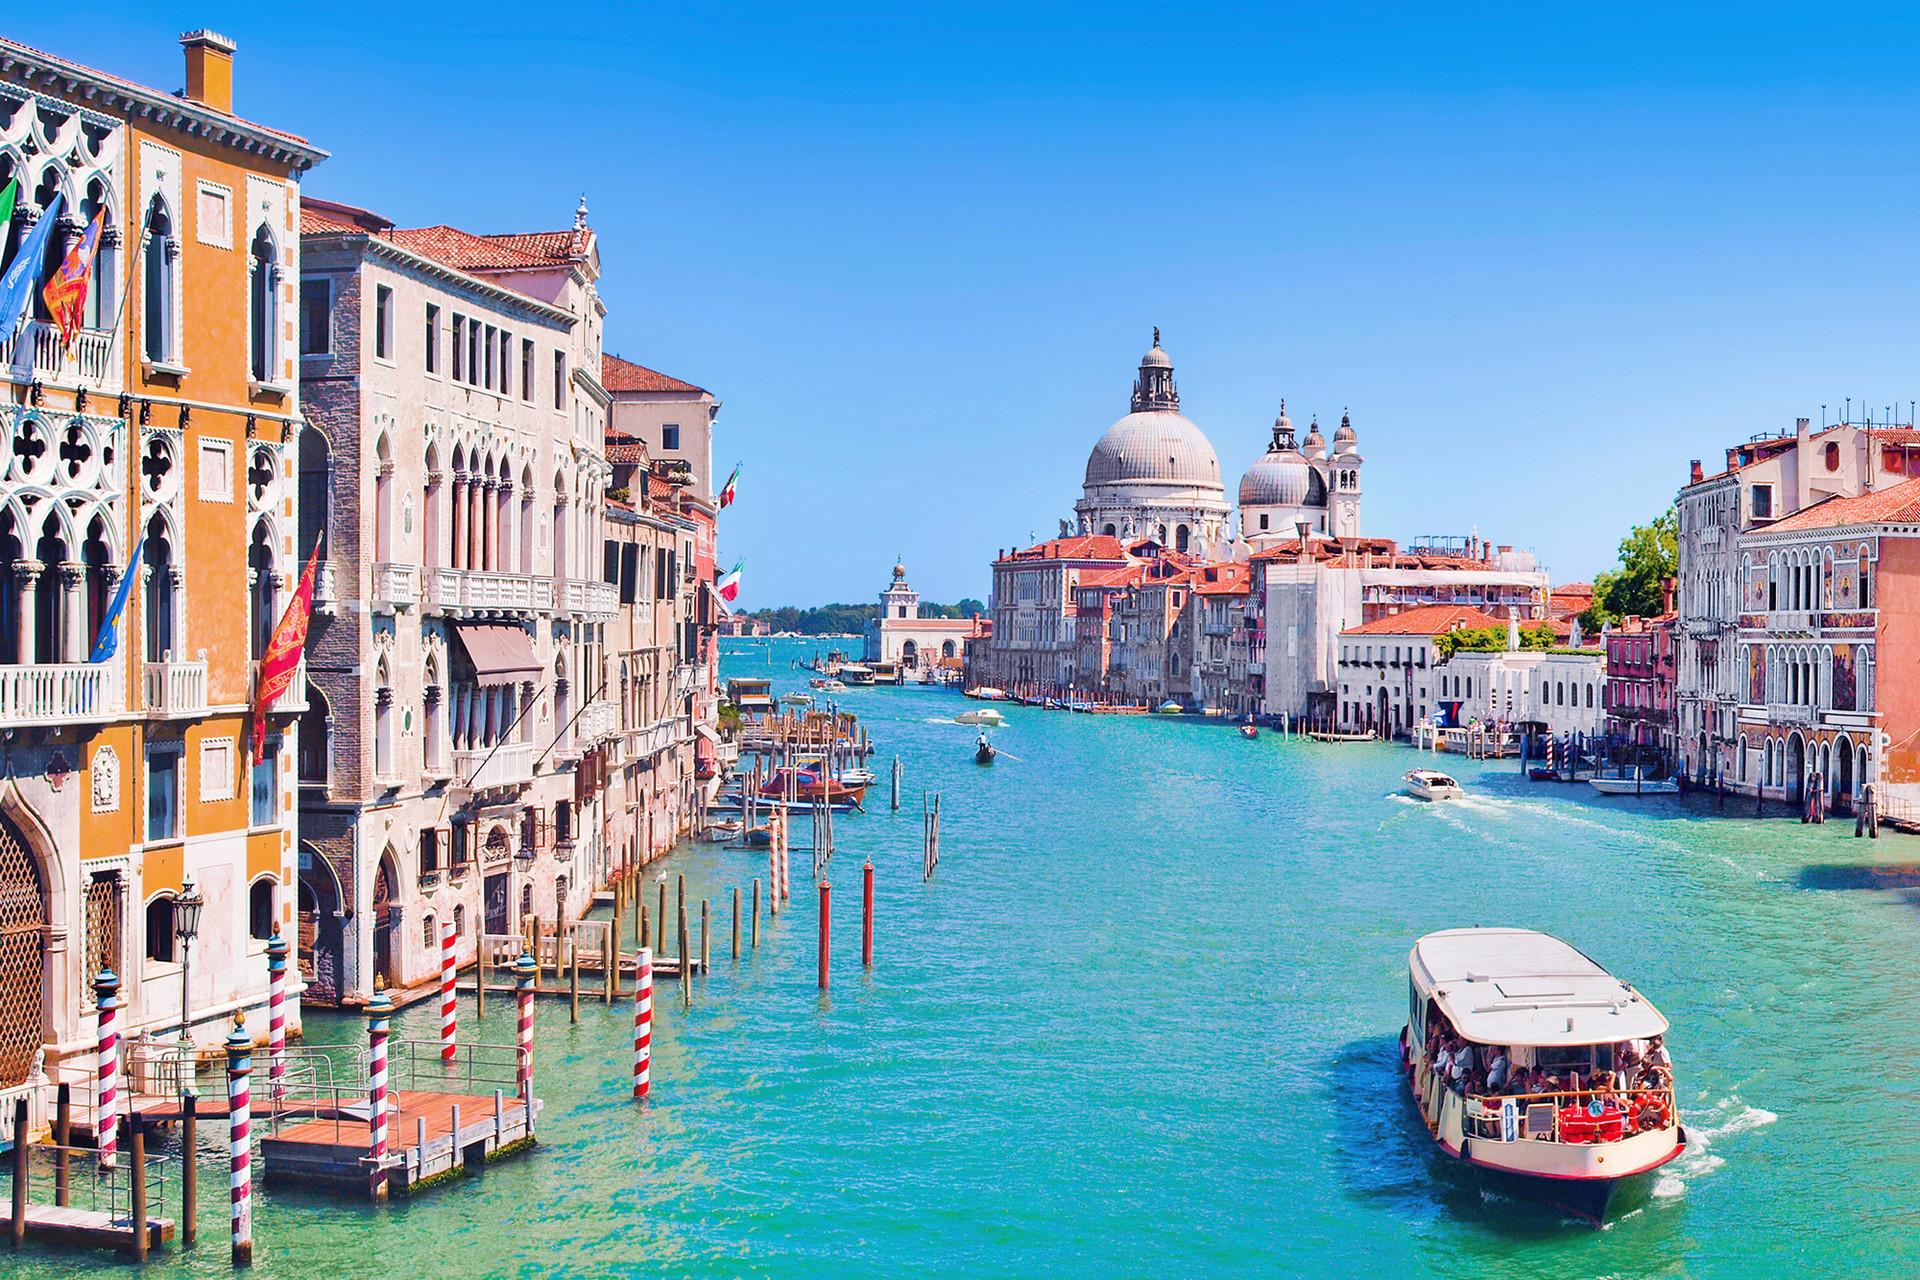 Sou mexicano e quero estudar em Itália! O que faço?